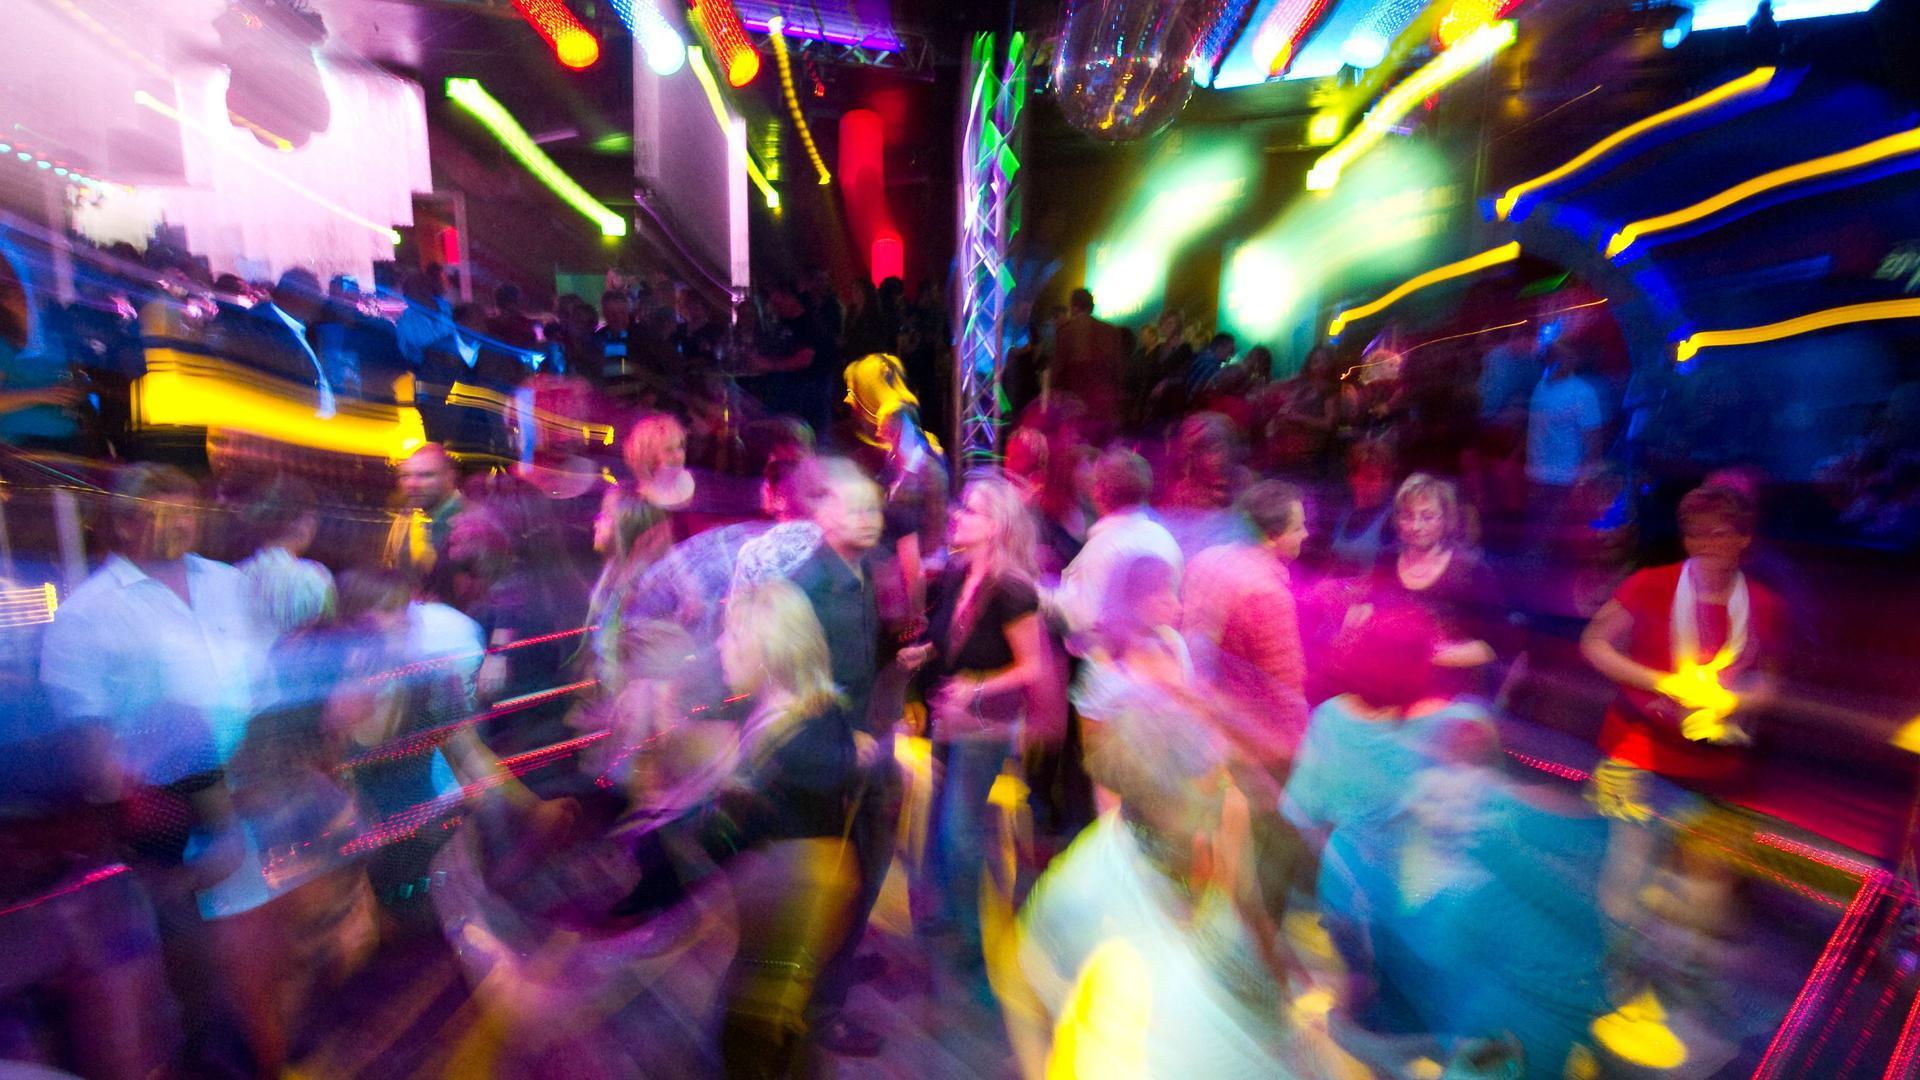 ARCHIV- Partygäste tanzen in einer Diskothek.